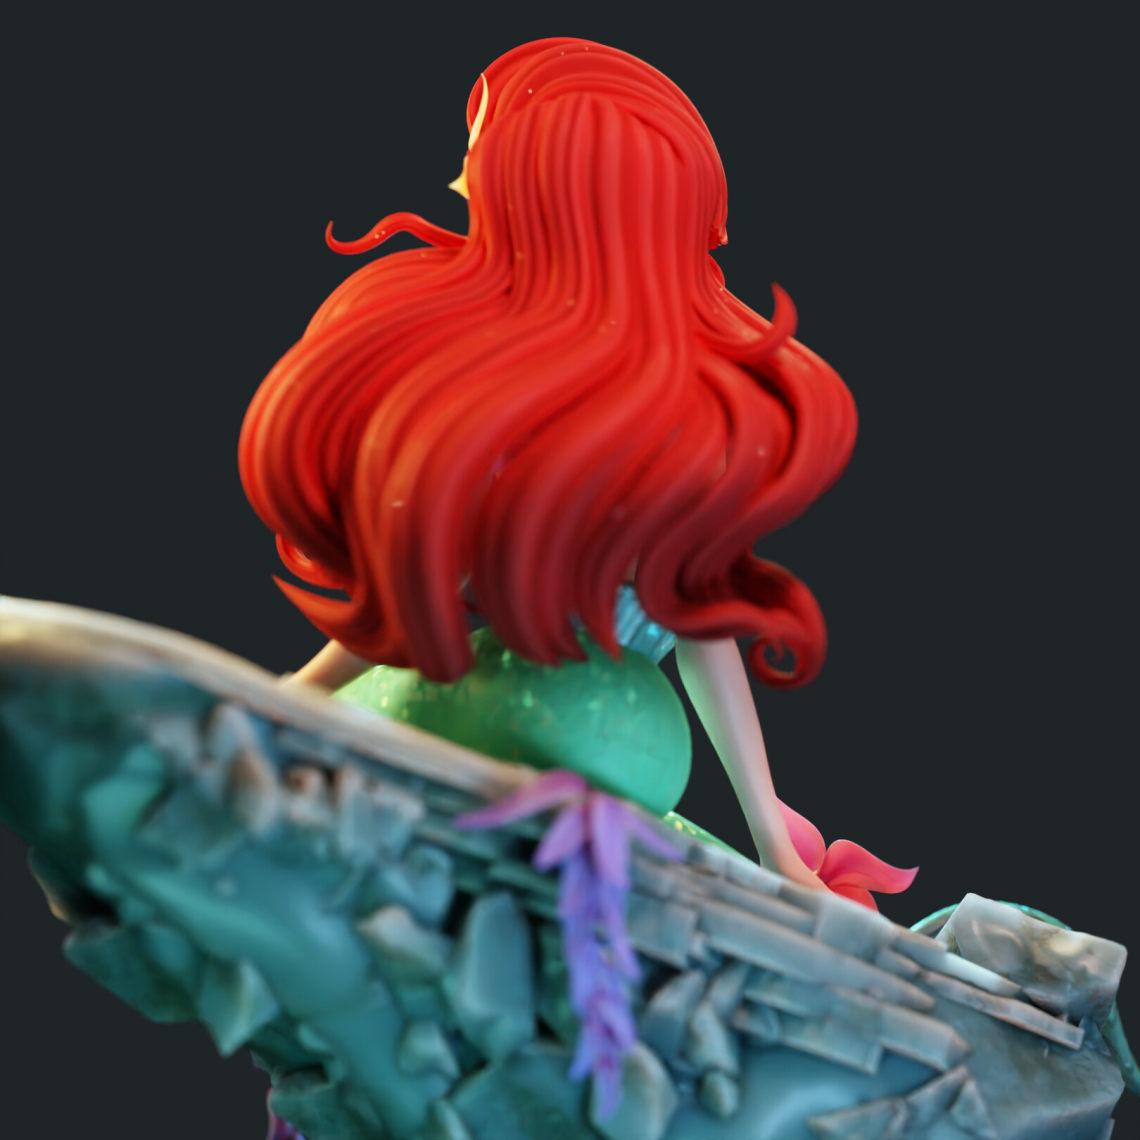 小美人鱼(西班牙3d设计师Pablo Dobarro)